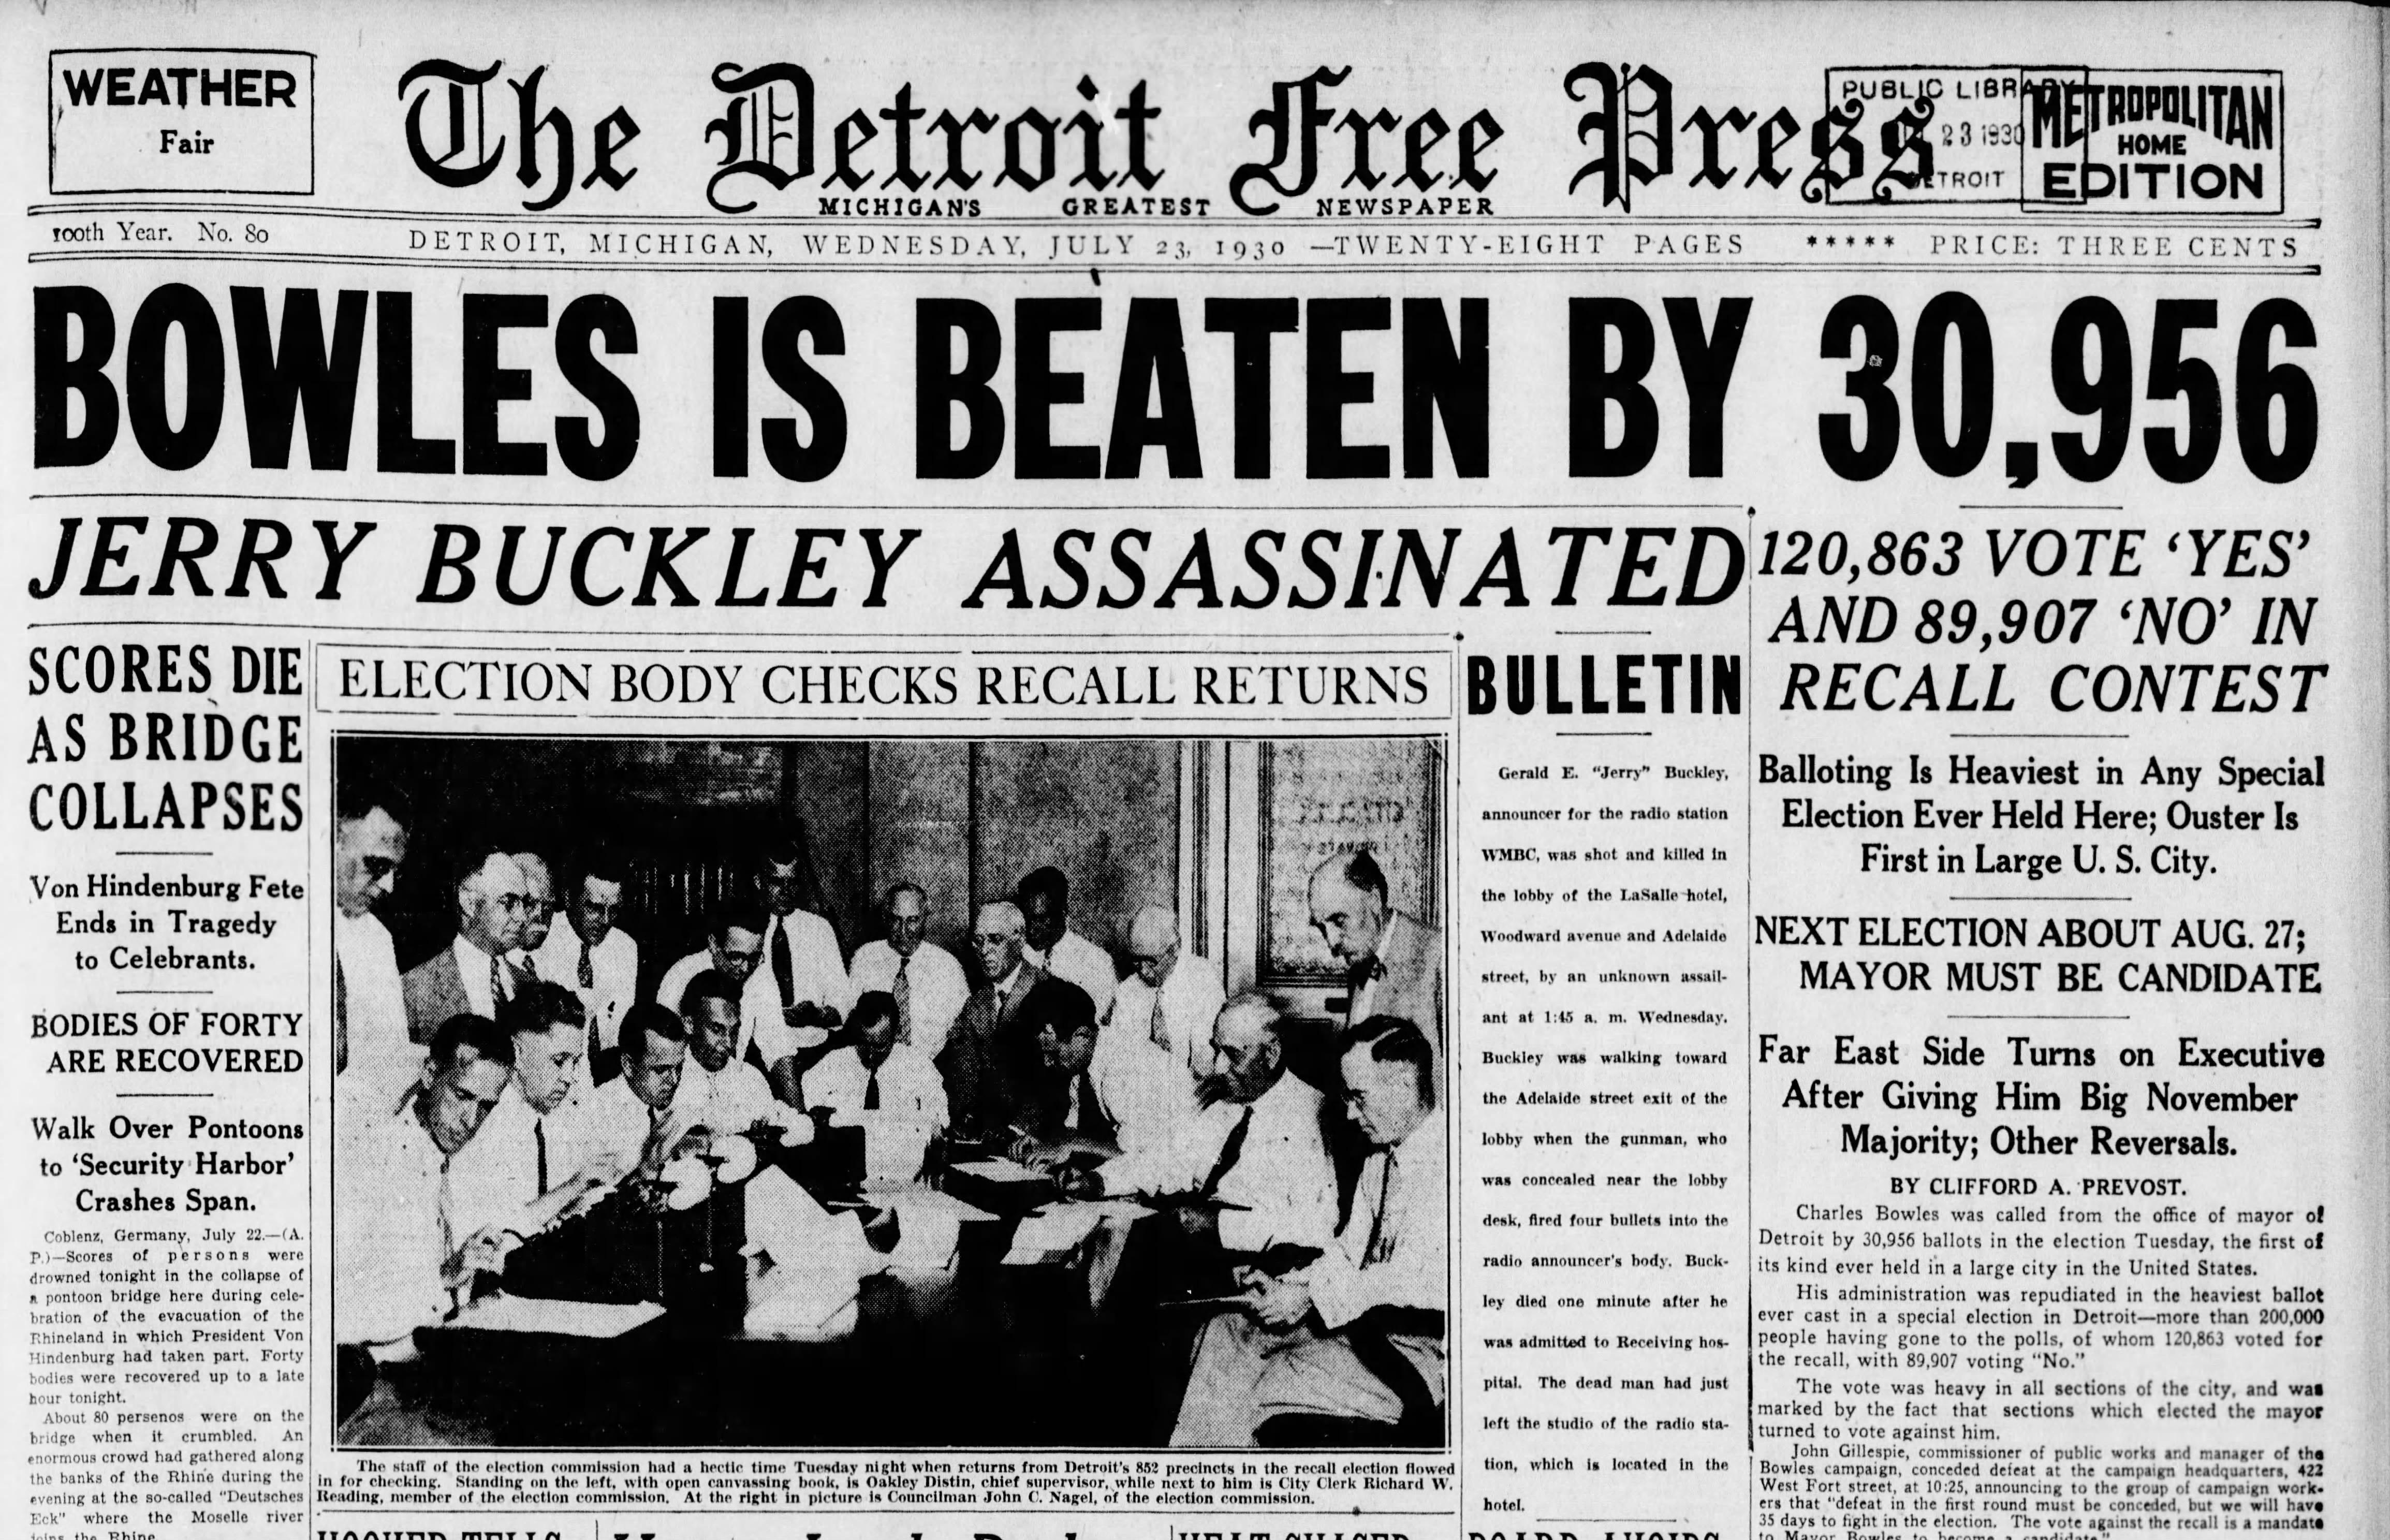 Murder of beloved radio host Jerry Buckley rockedDetroit in 1930. It's still unsolved.